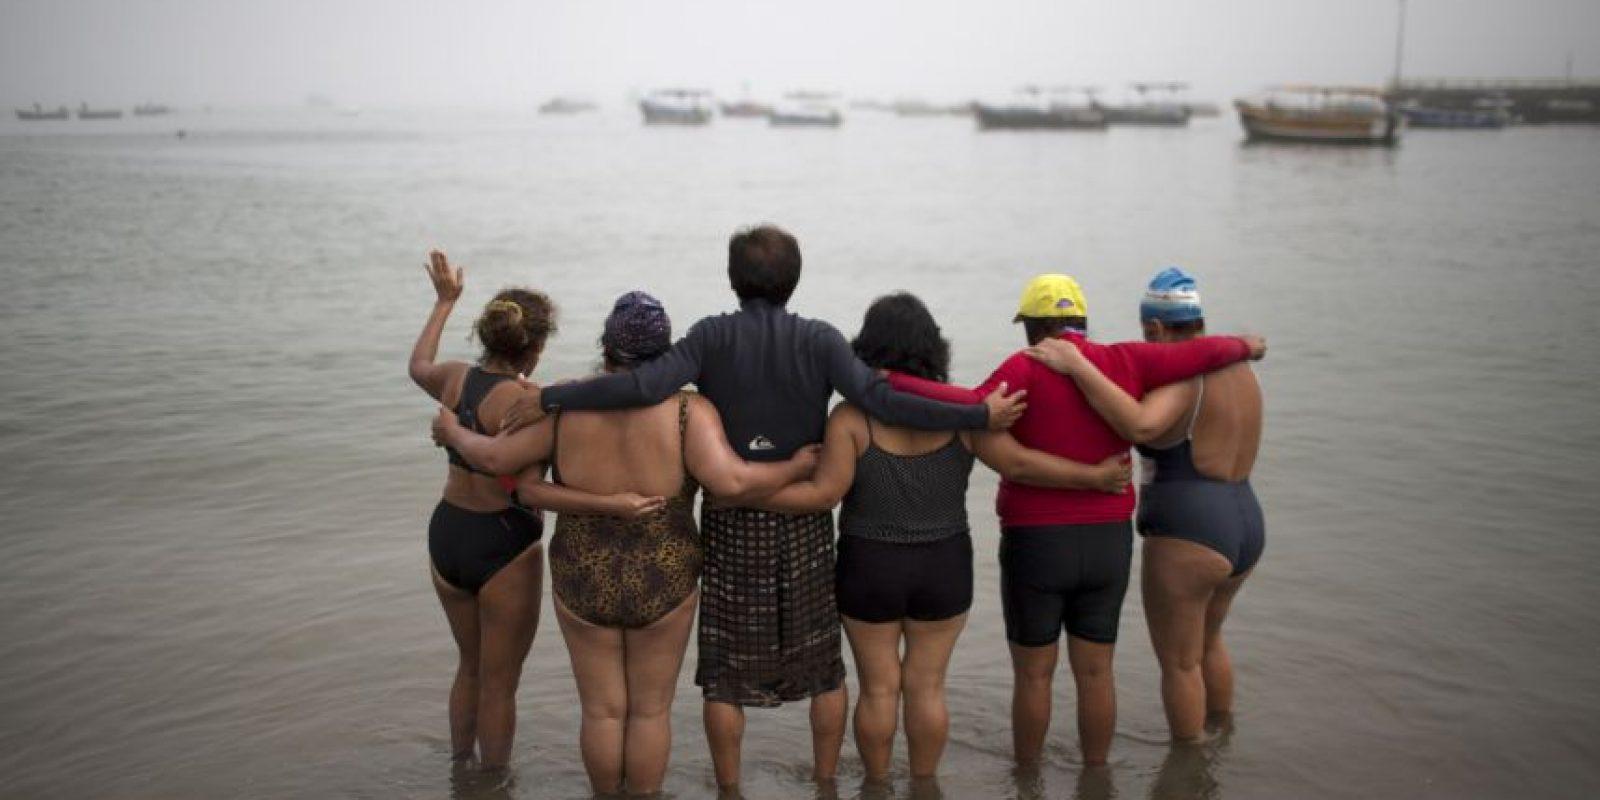 """En esta imagen, tomada el 9 de abril de 2015, un grupo de terapia, ahora convertidos en amigos, rezan en la playa Pescadores antes de tomar un baño terapéutico en aguas del océano Pacífico en Lima, Perú. """"El mar es la farmacia de la humanidad"""", dijo el el promotor de terapias naturales José Cusquisiban, que organiza grupos de terapia. """"Tiene muchos minerales, vitaminas"""". Foto:AP/ Rodrigo Abd"""